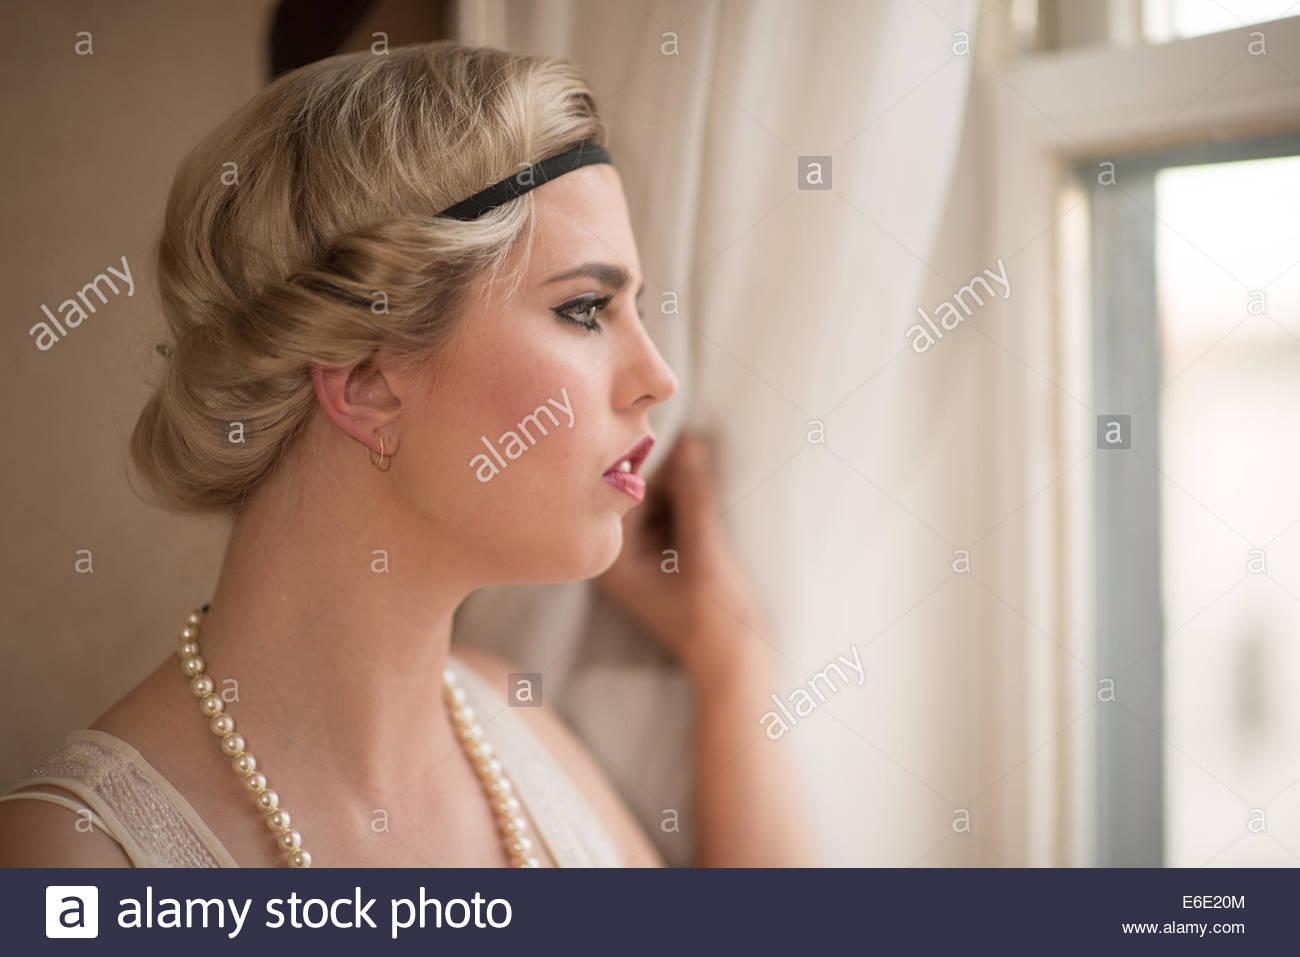 Kopf Einer Frau Mit Einem 20er Jahre Frisur Im Profil Schauen Aus